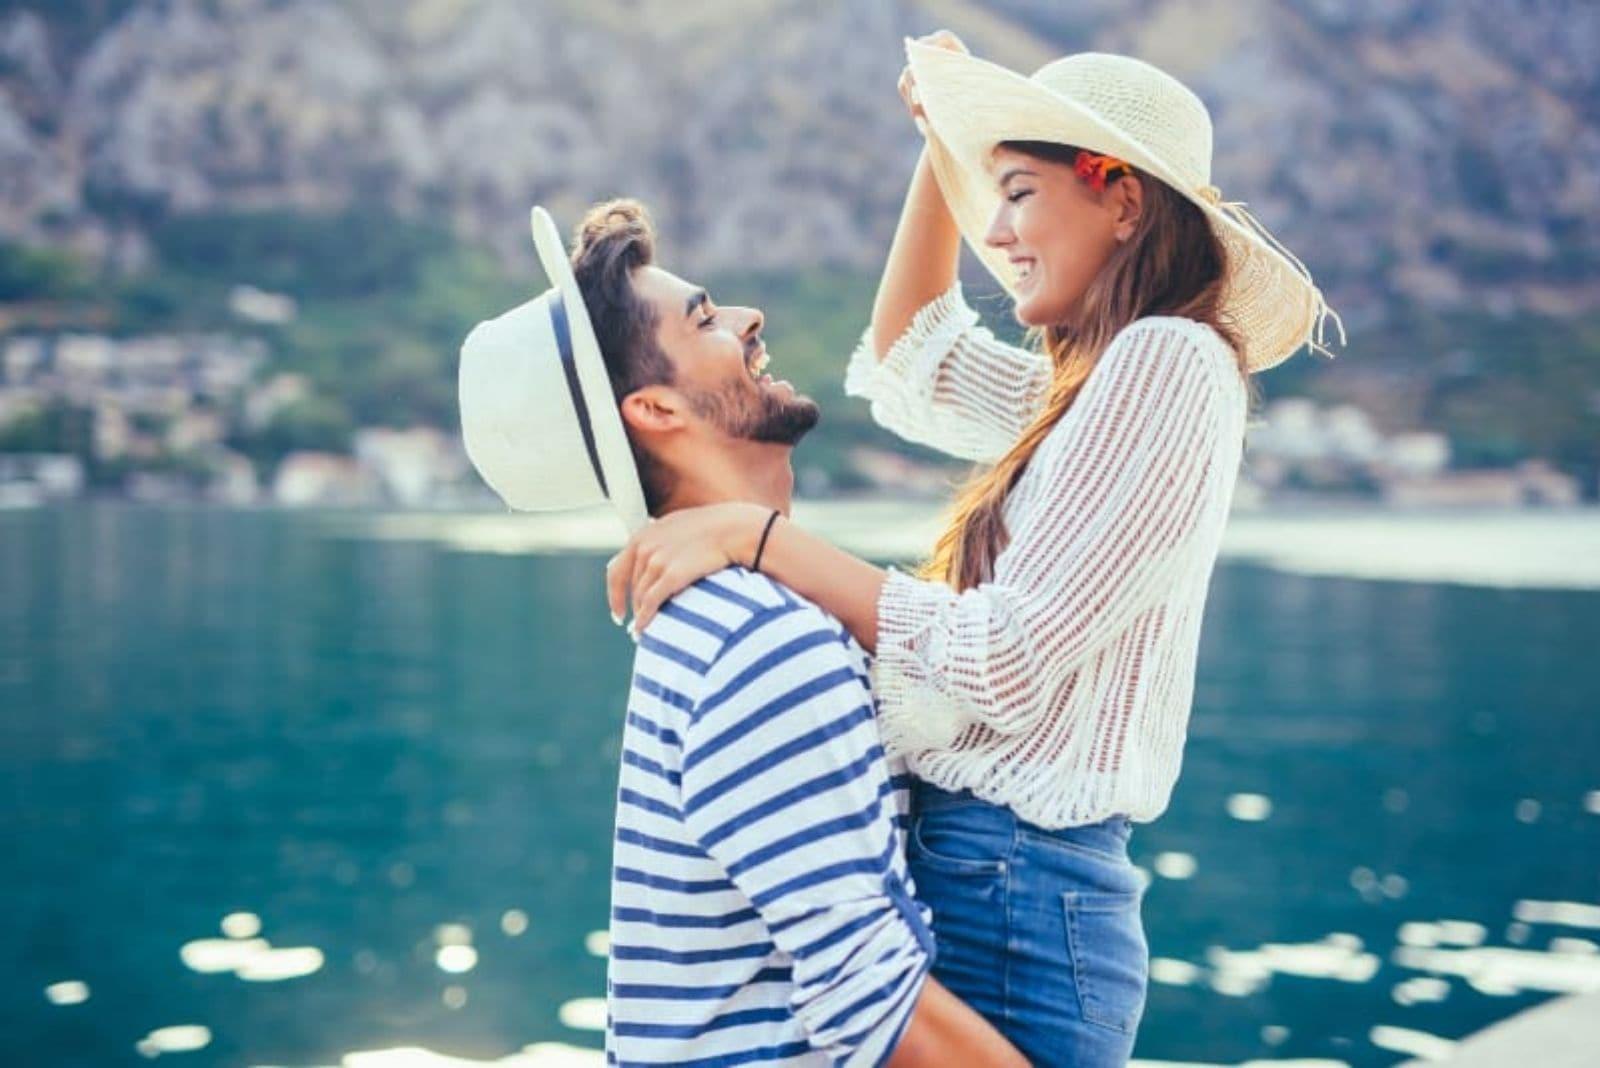 couple enjoying by the lake